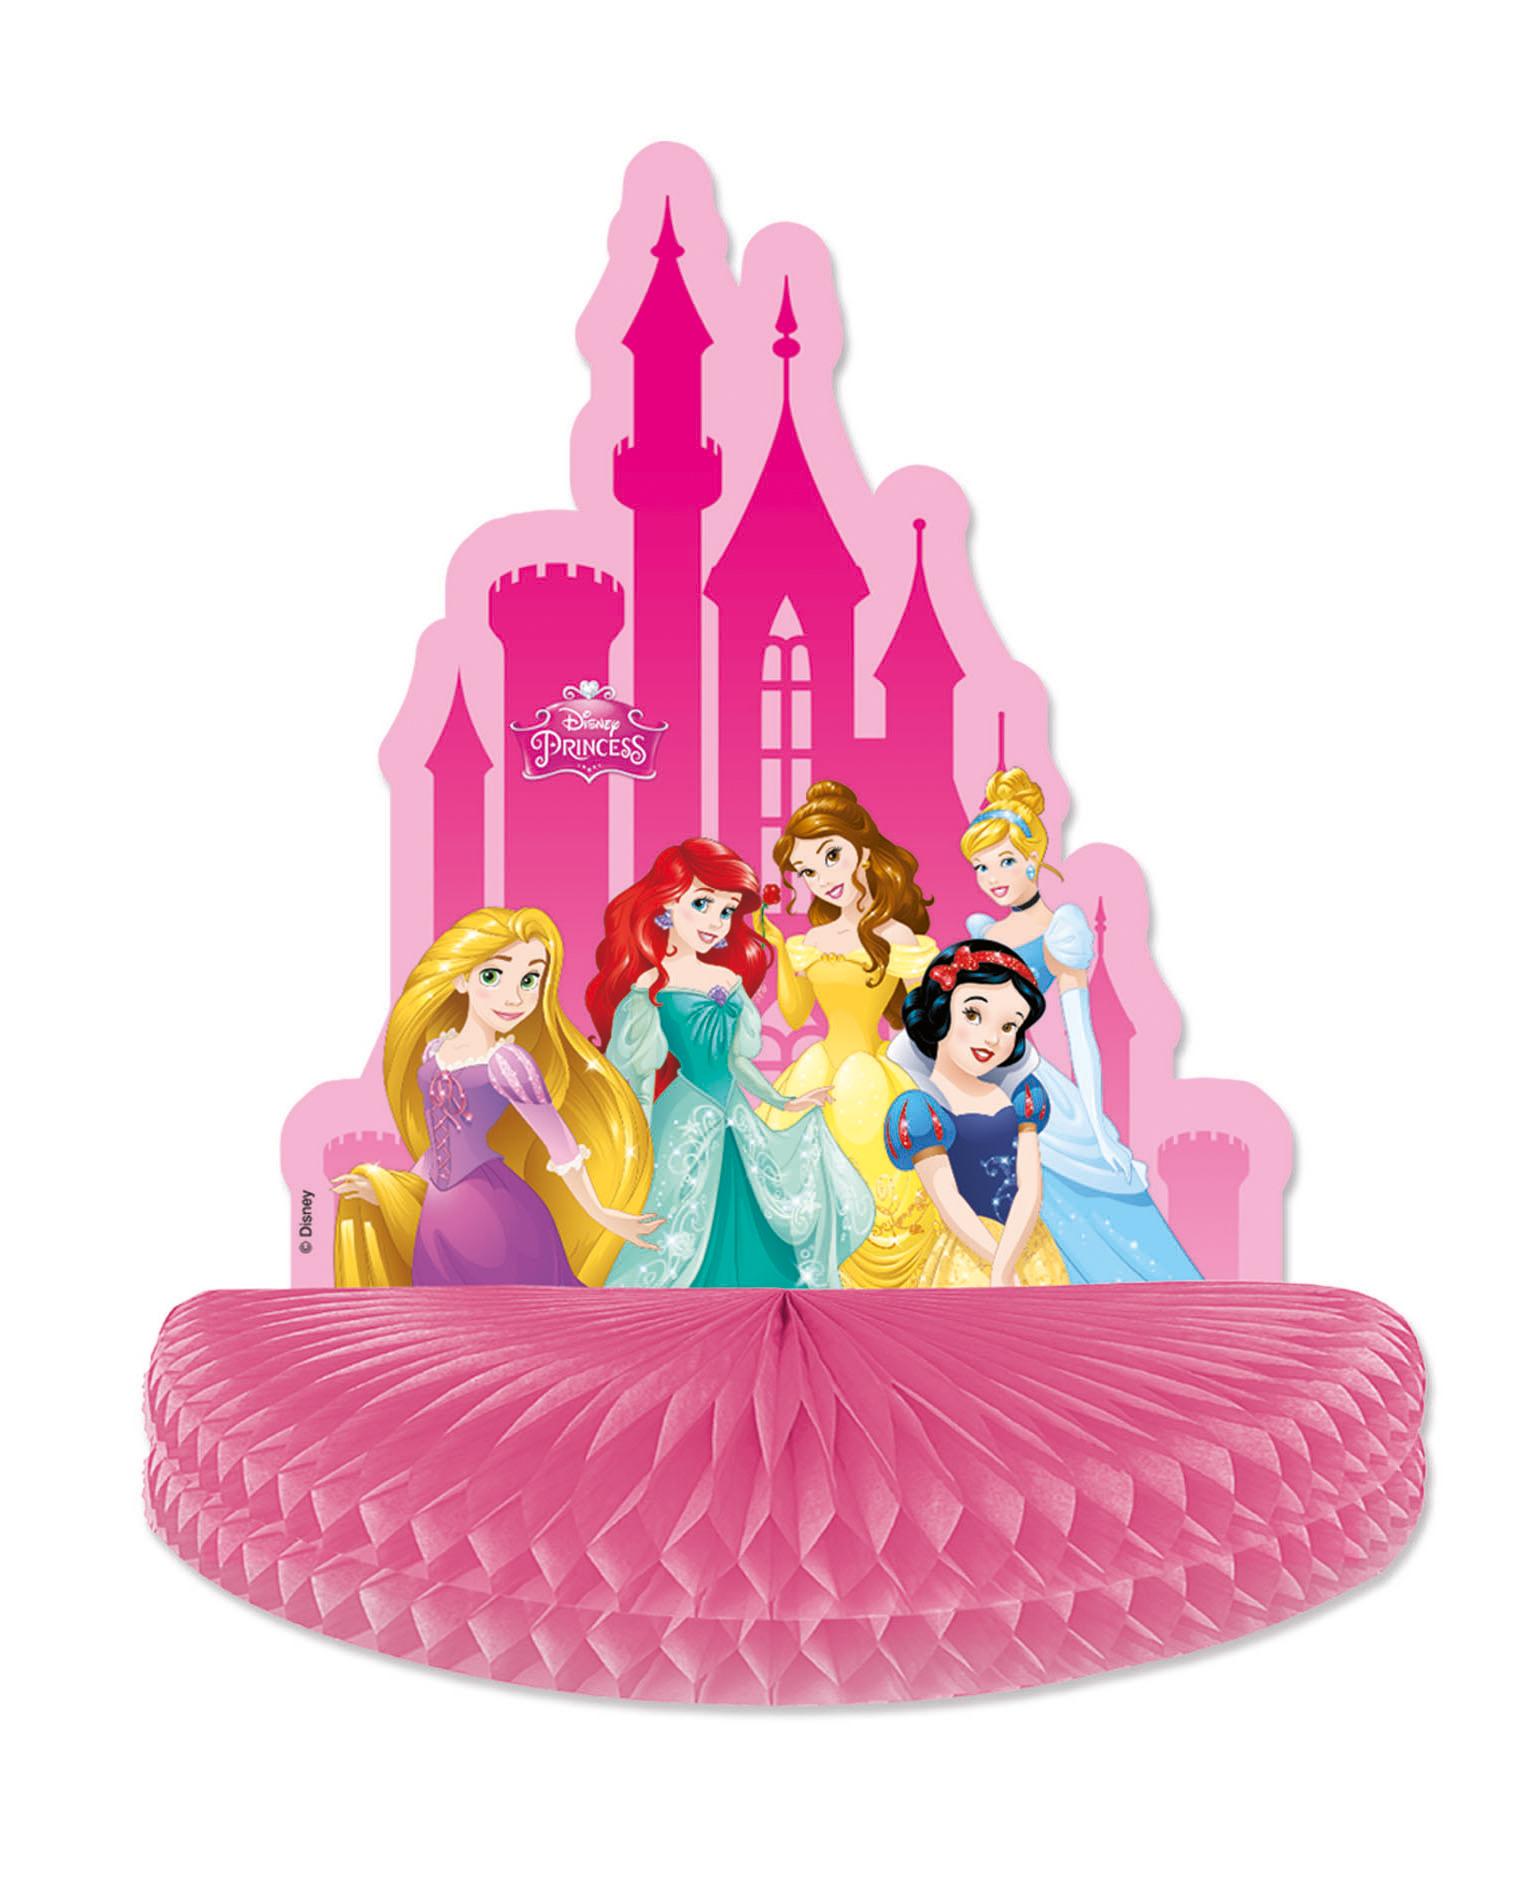 centre de table princesse disney d coration anniversaire et f tes th me sur vegaoo party. Black Bedroom Furniture Sets. Home Design Ideas